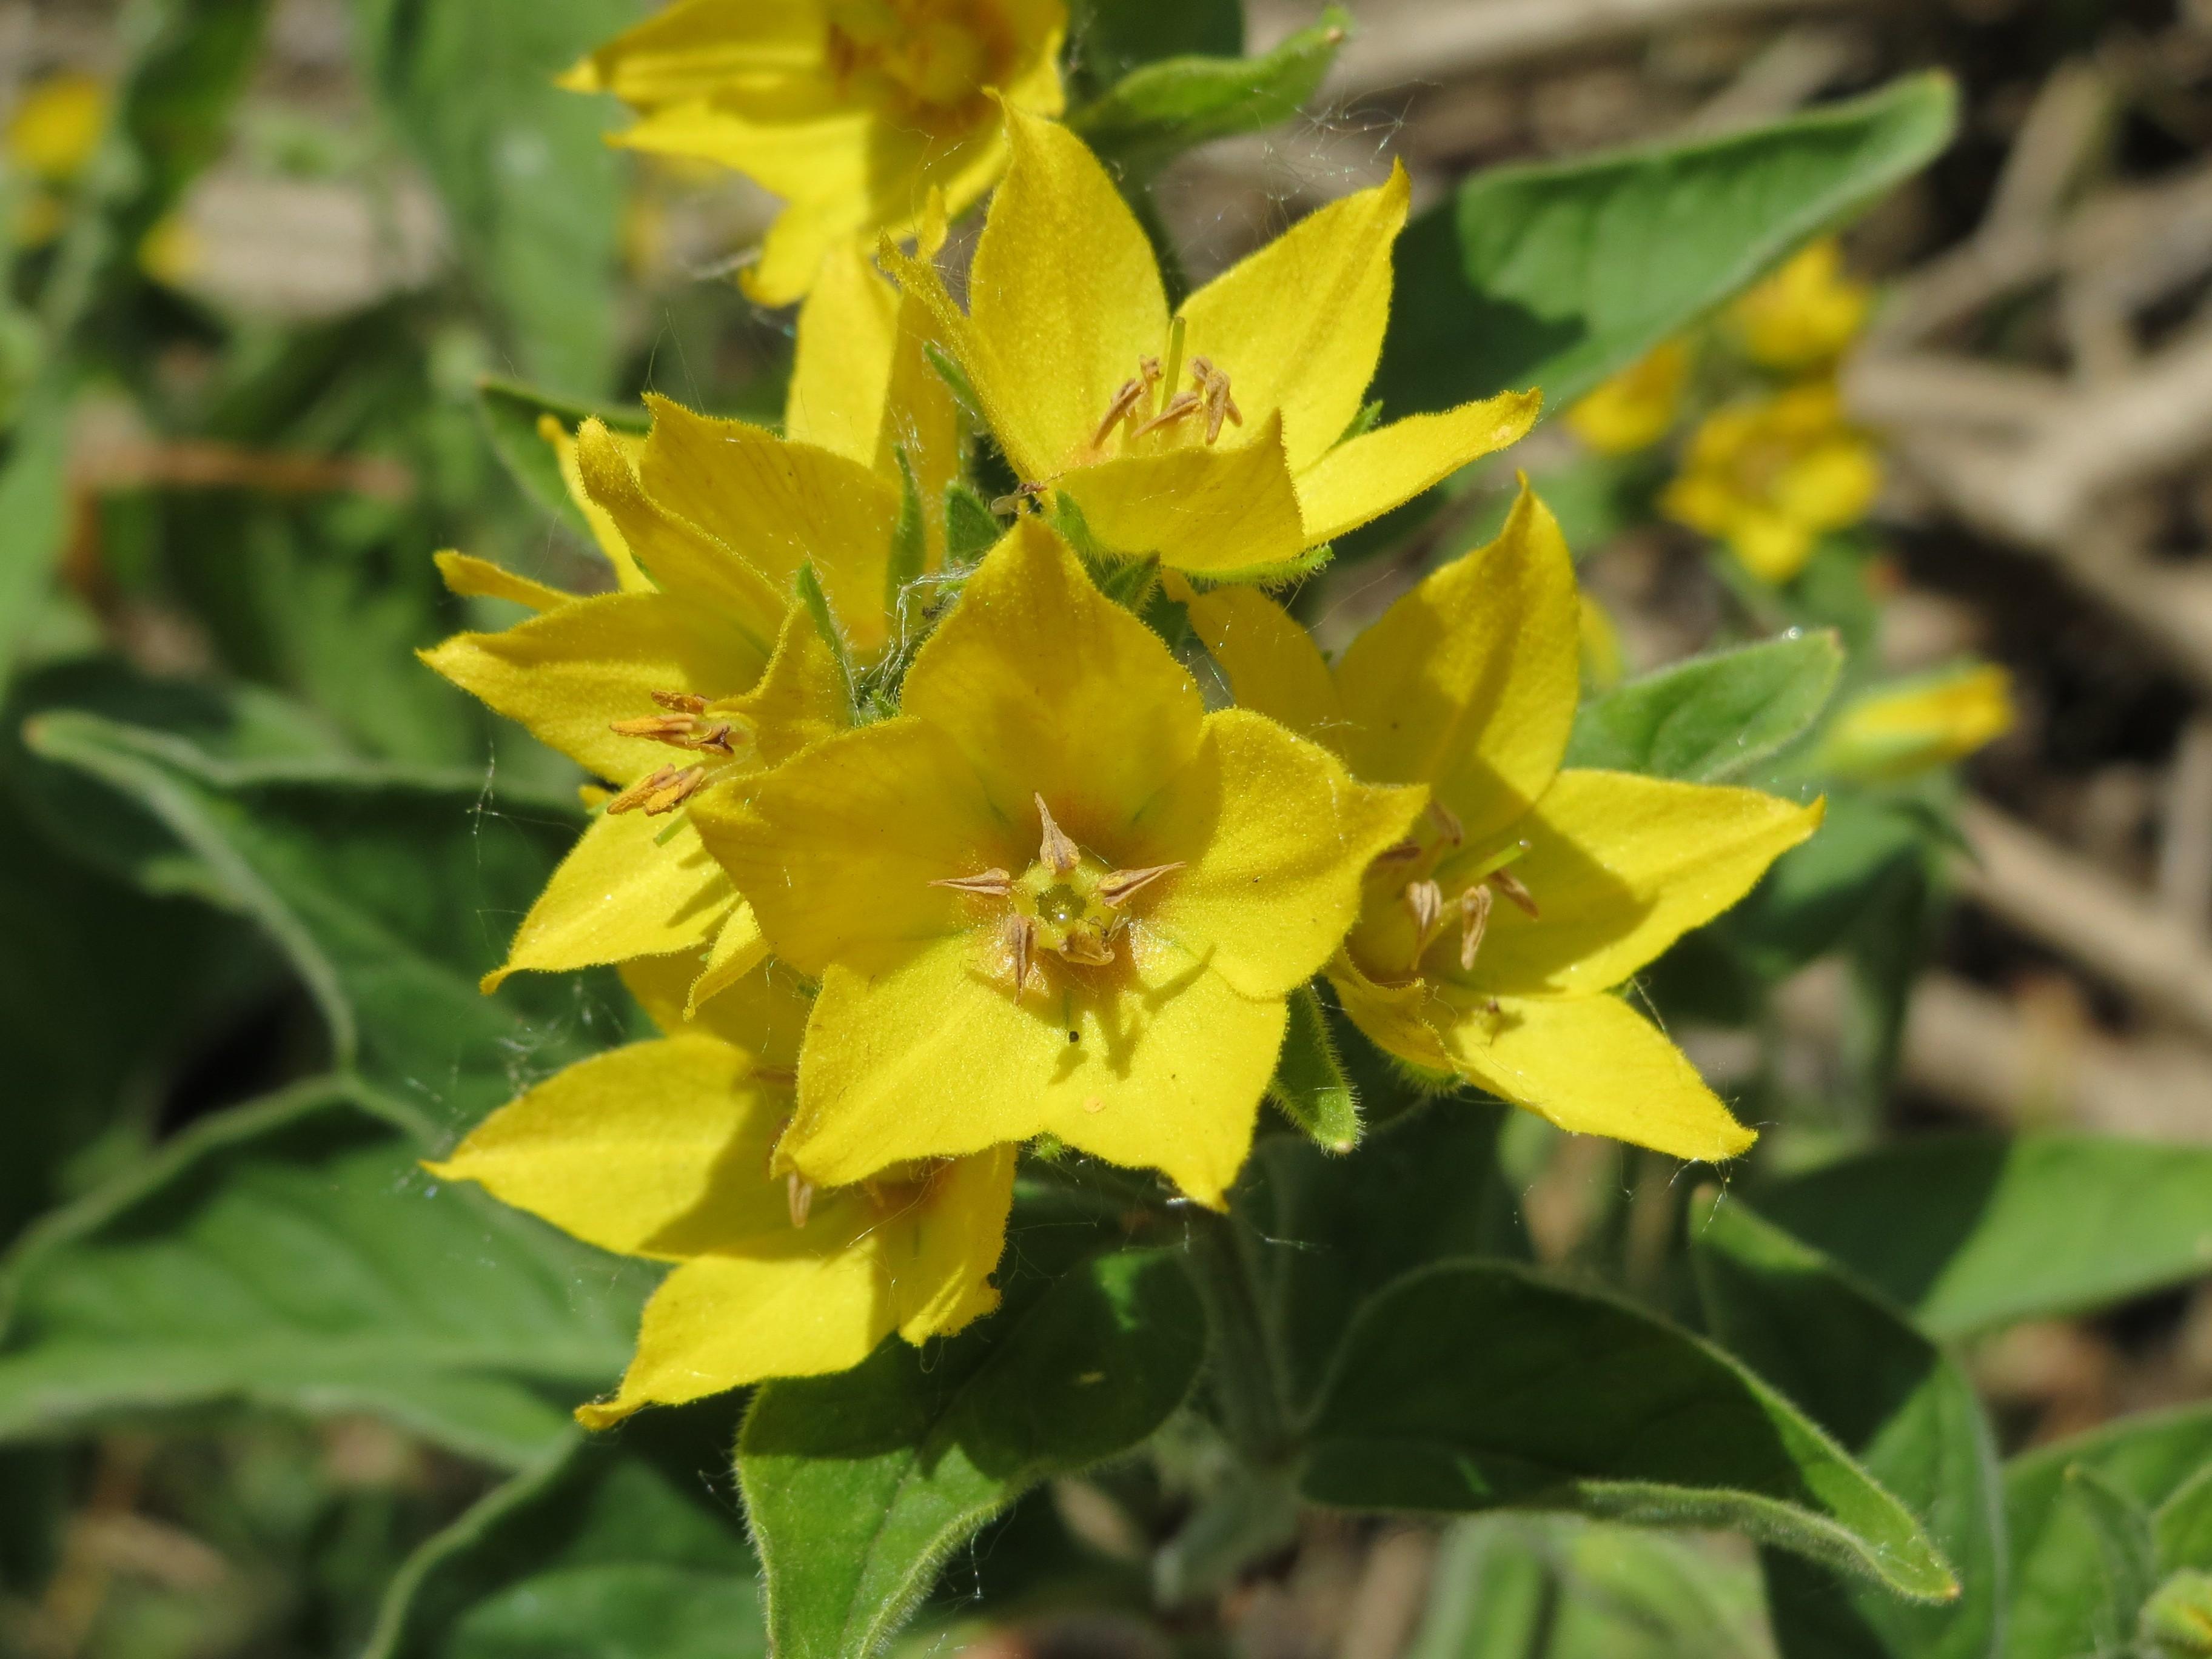 GROTE WEDERIK een bron voor Vitamine C in het voorjaar